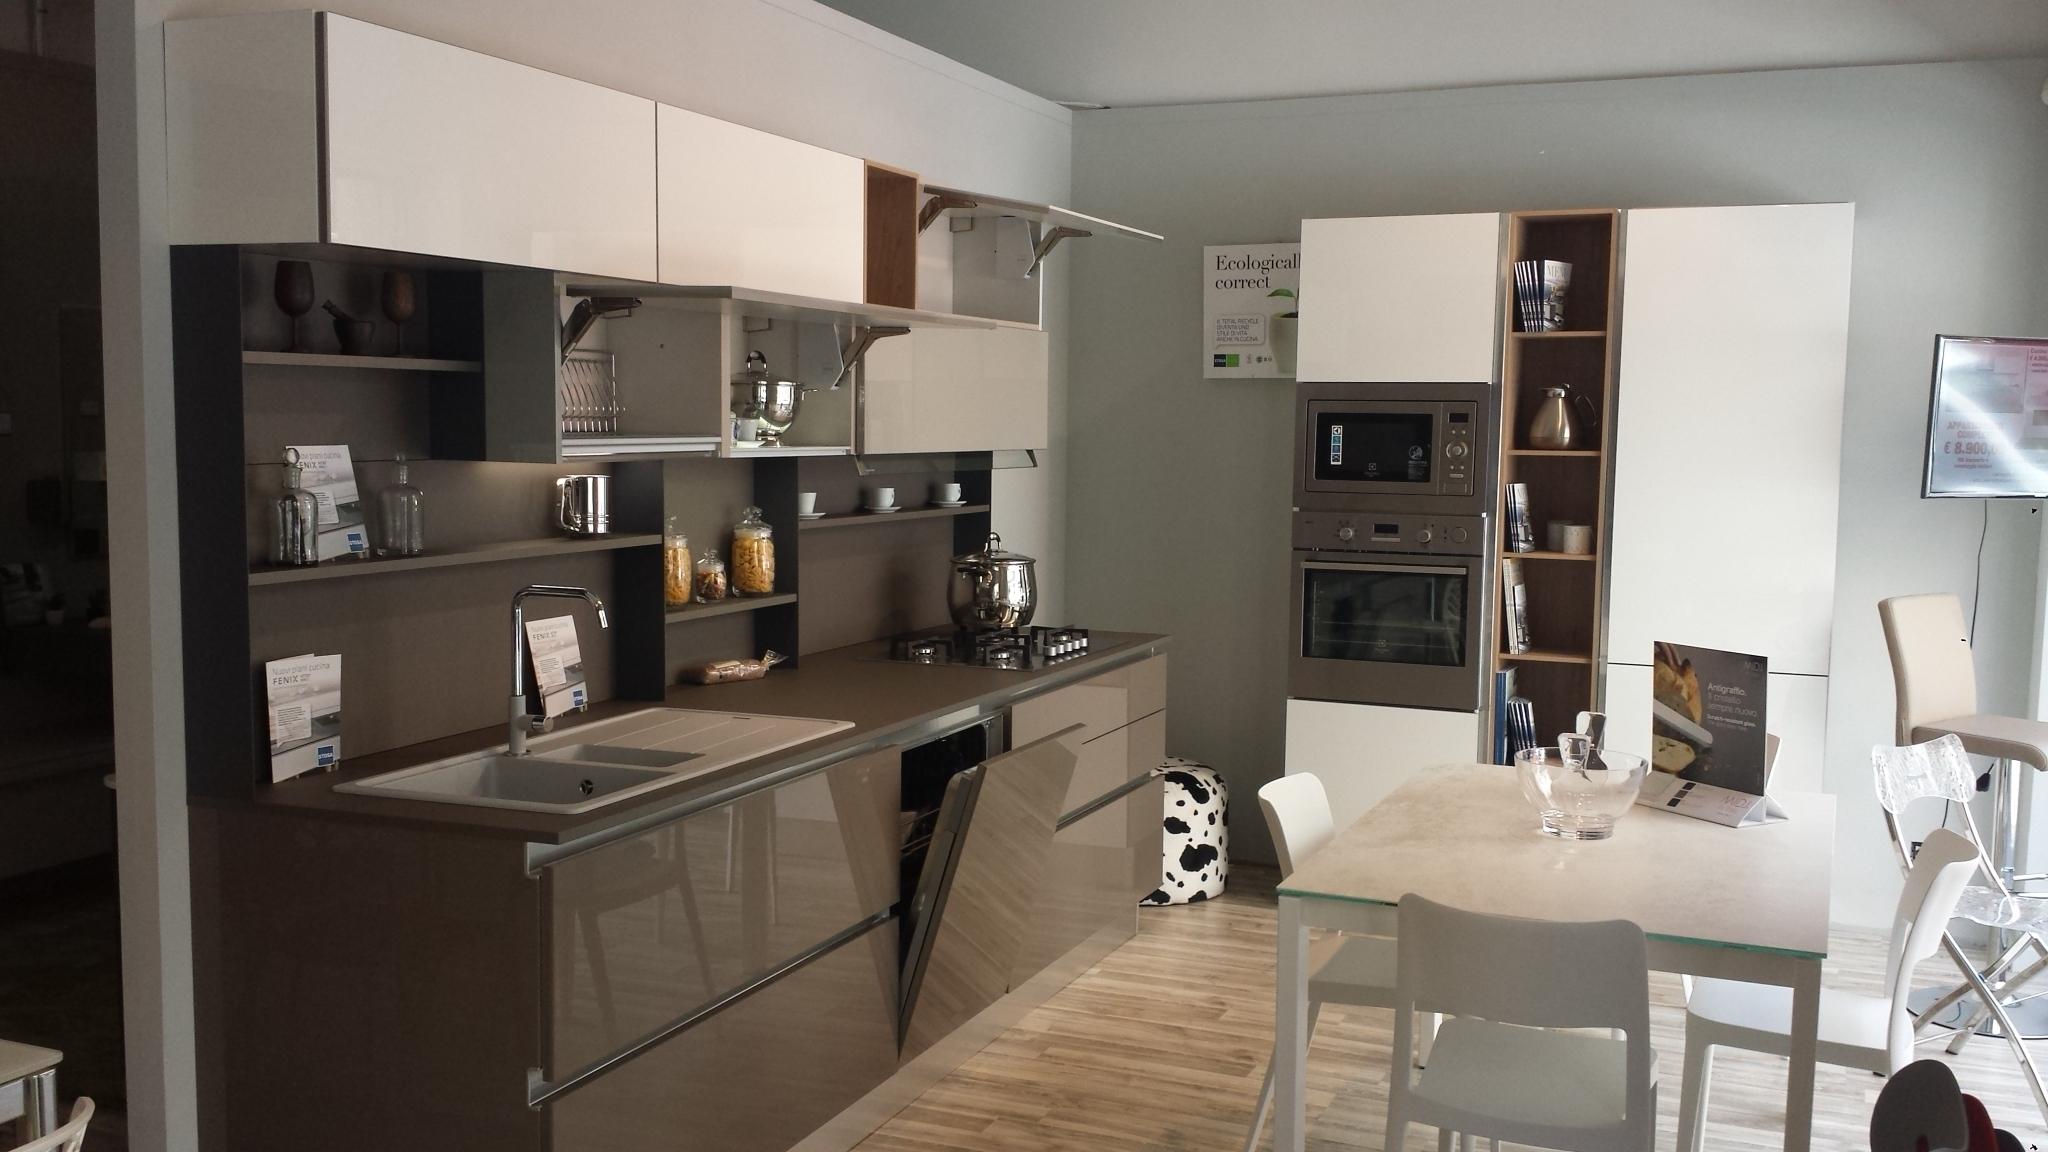 Stosa Cucine Cucina Alevè Allegra Moderna Laccato Lucido Cucine A  #786653 2048 1152 Cucine Veneta O Stosa